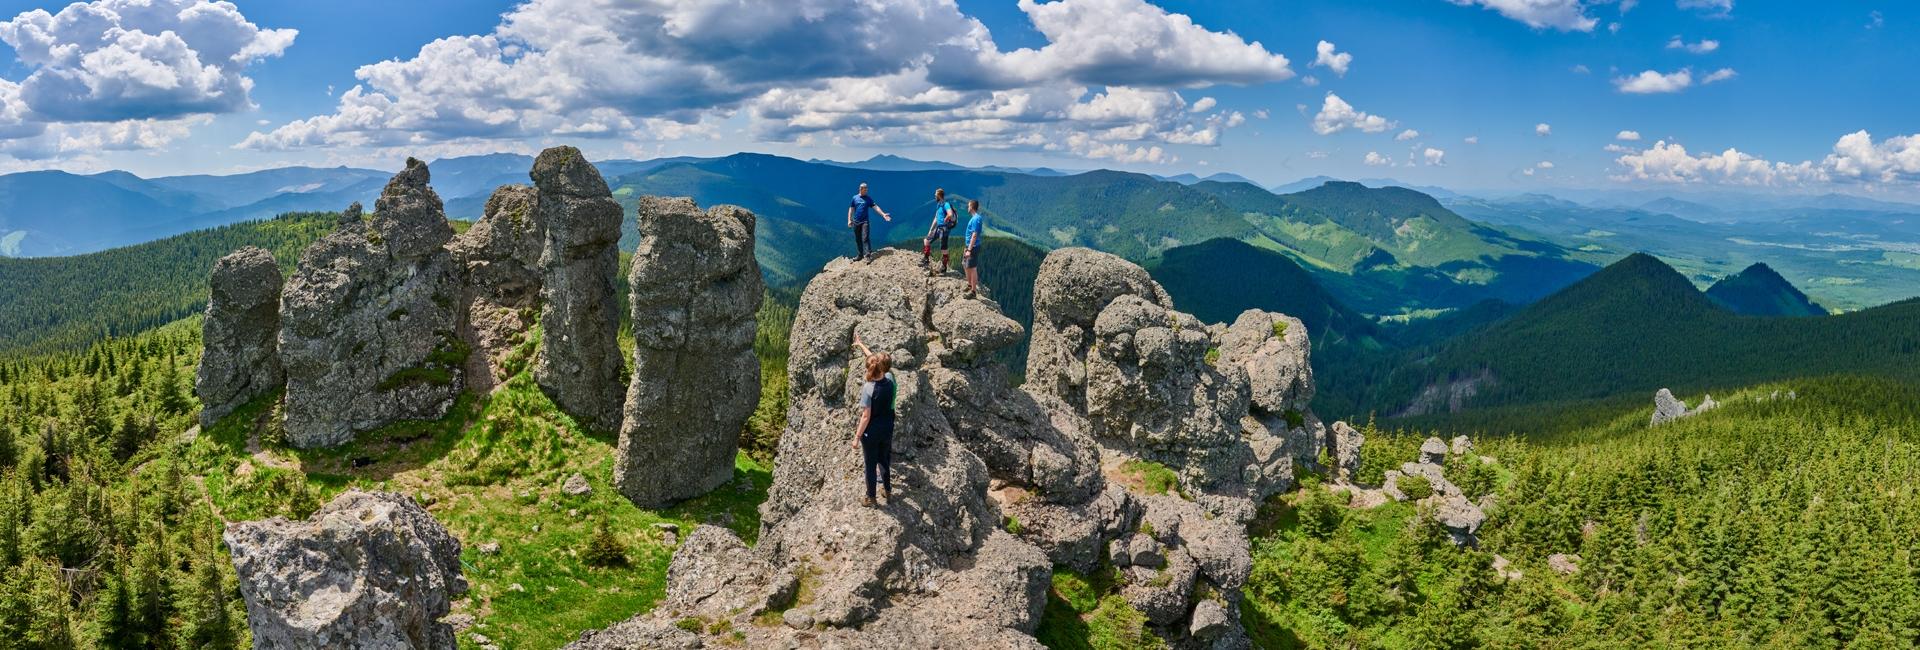 Țara Dornelor poate părea o zonă foarte îndepărtată și plictisitoare, dar de fapt este destinația ideală dacă-ți place natura și activitățile în aer liber.